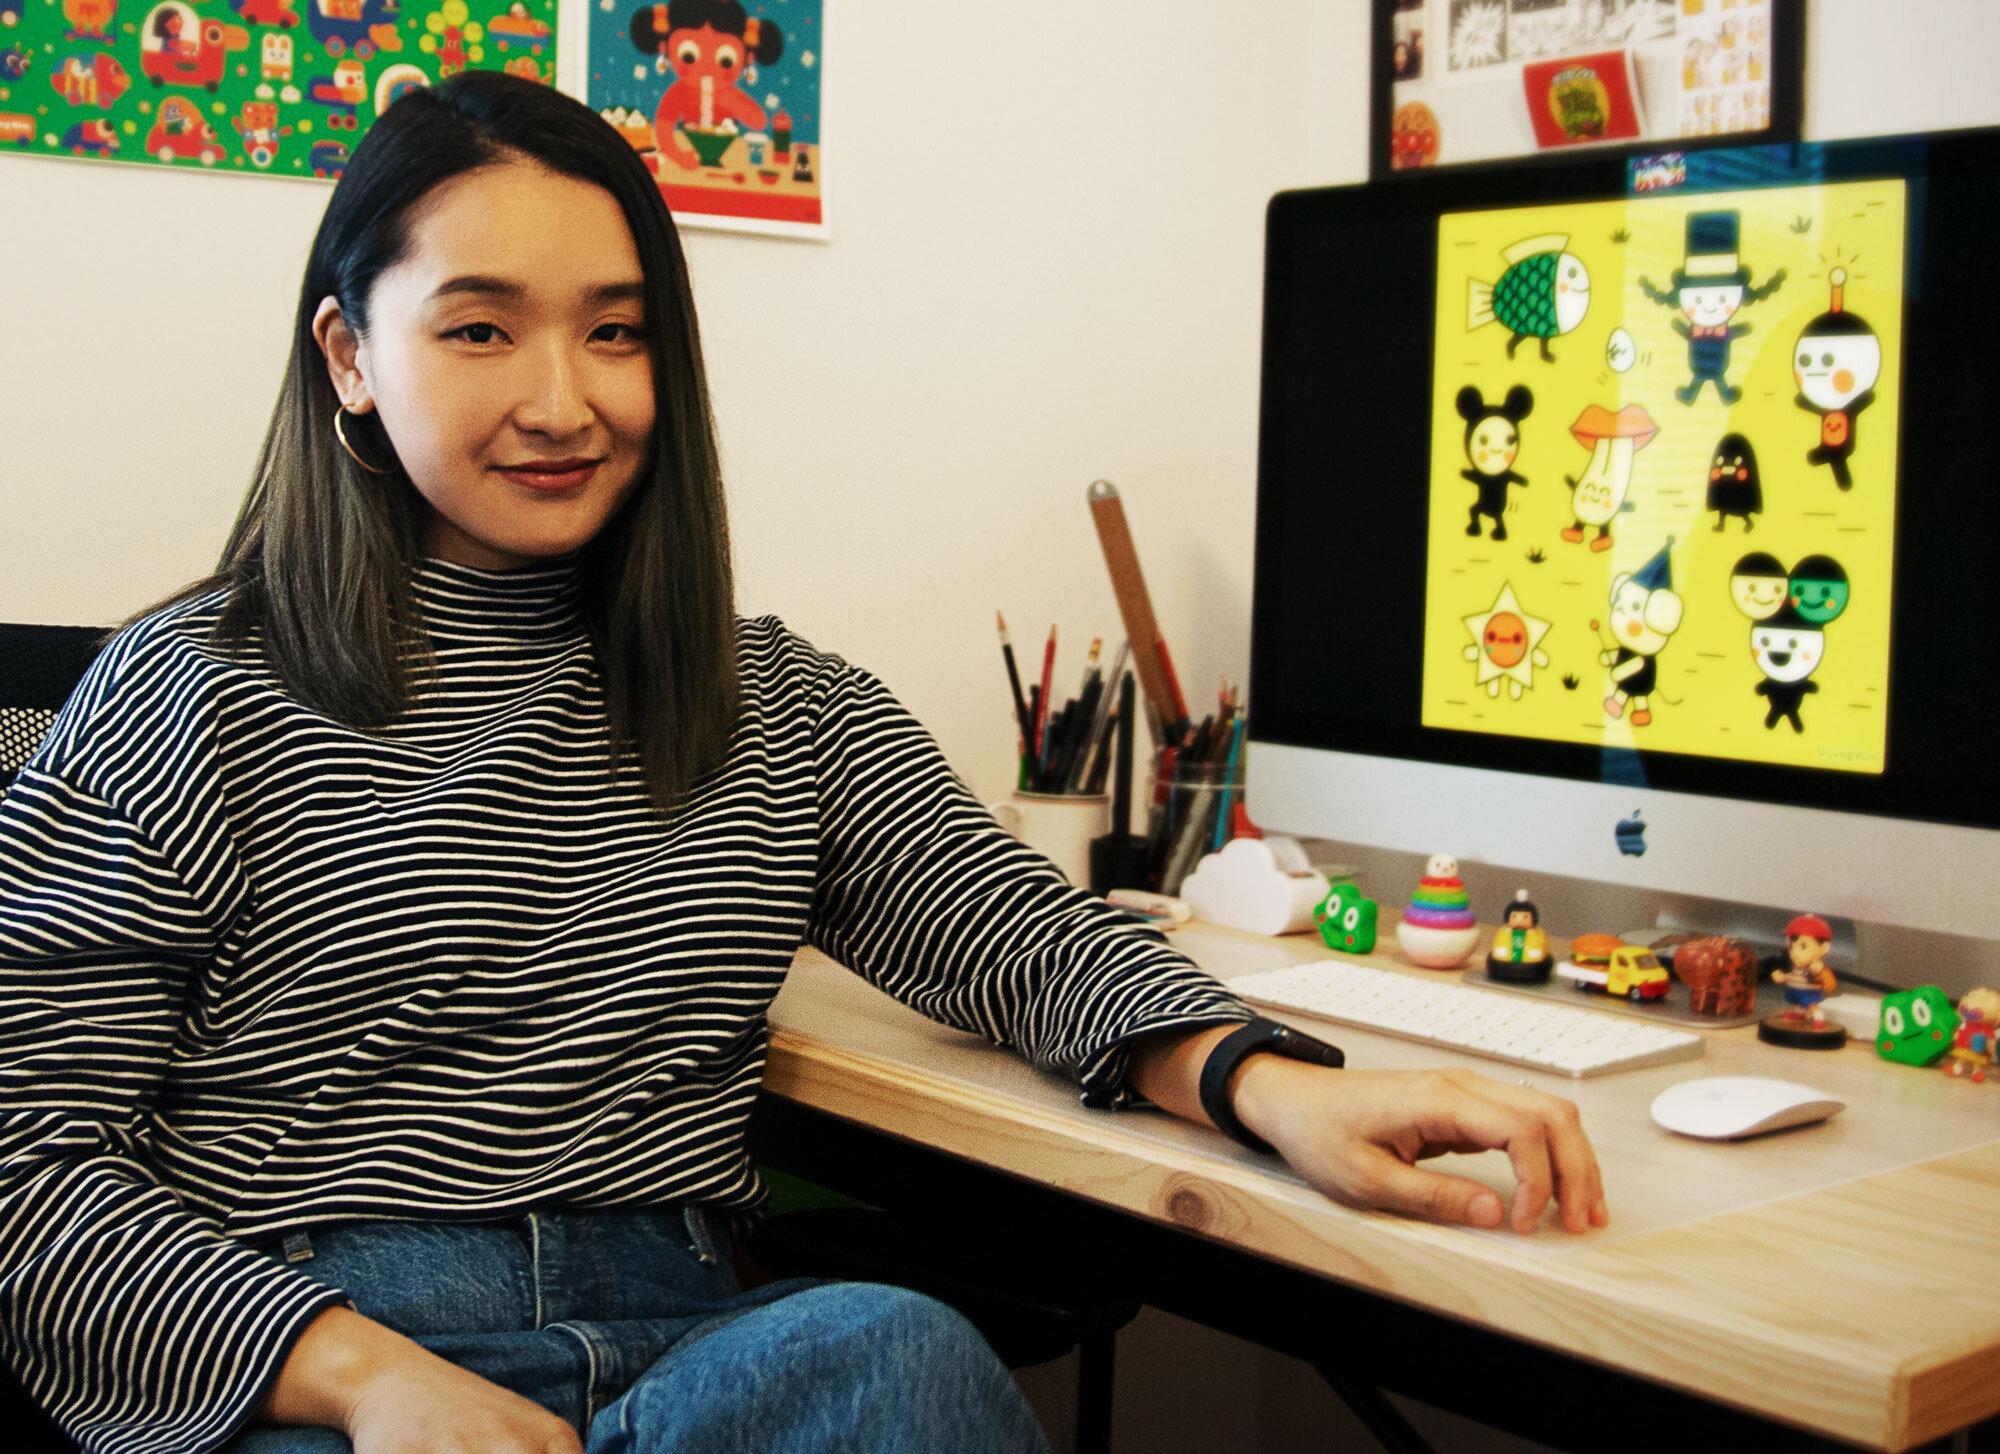 Uijung_Kim_Bio_Pic.jpg